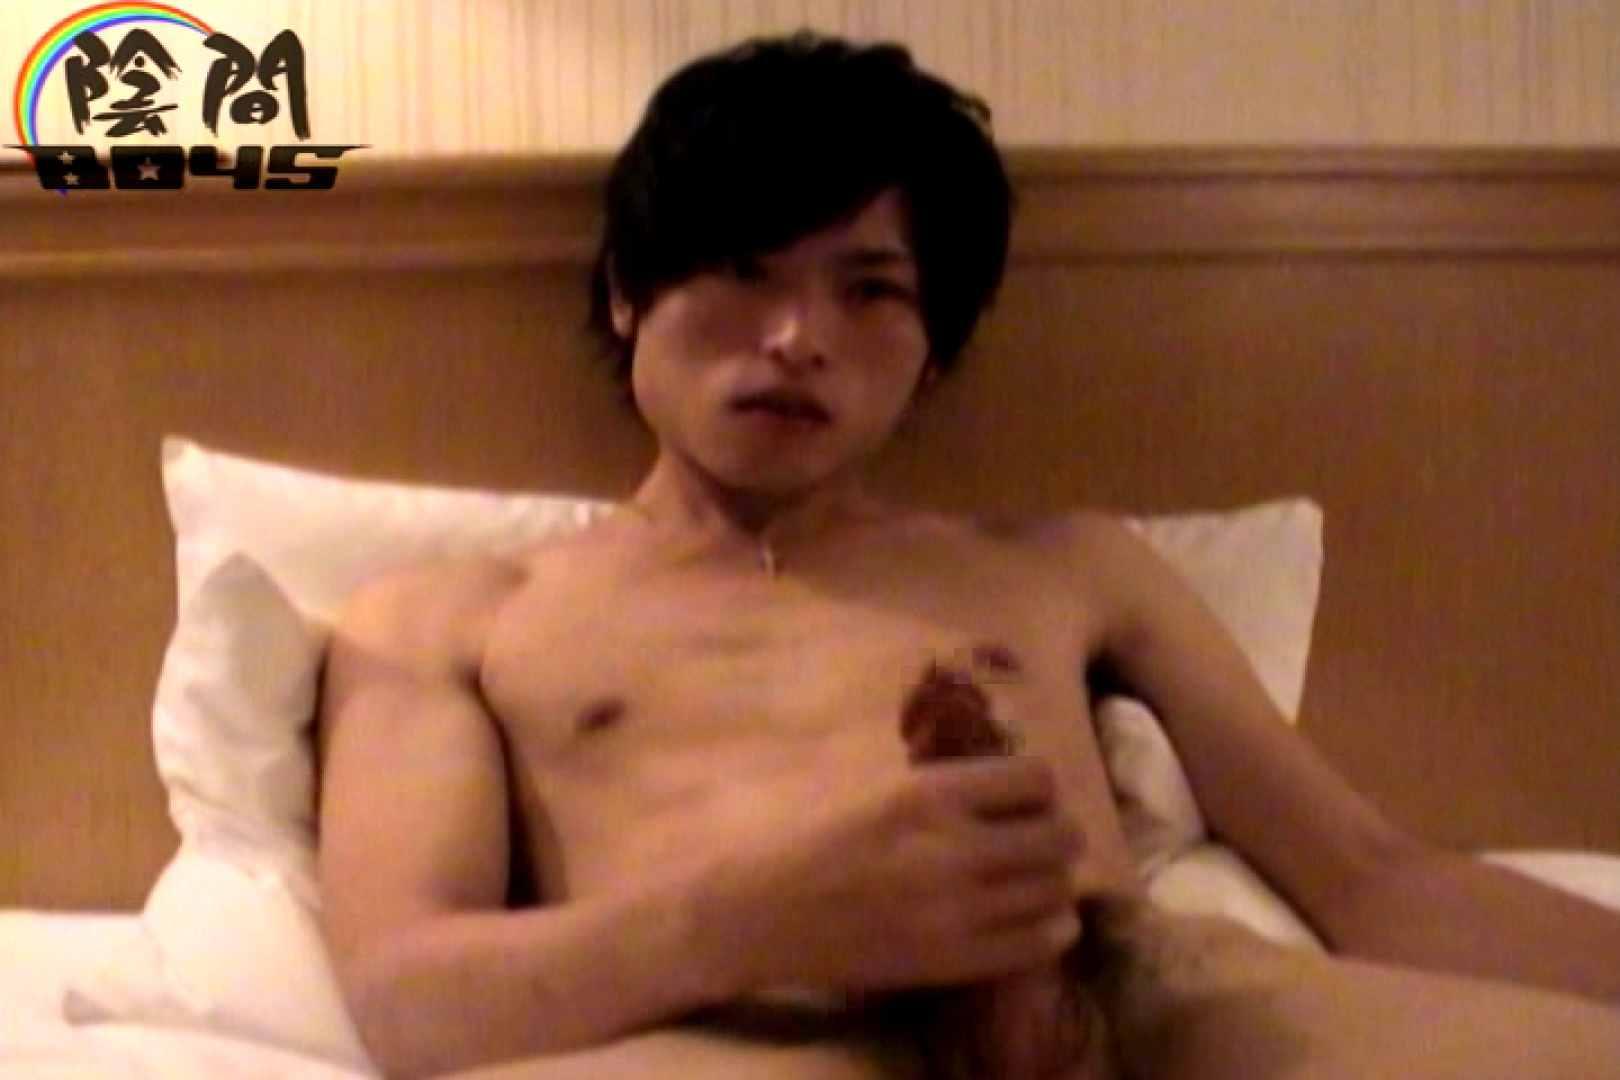 陰間BOYS~IKEMEN Interview~02 アナル攻め ゲイアダルトビデオ画像 11枚 3